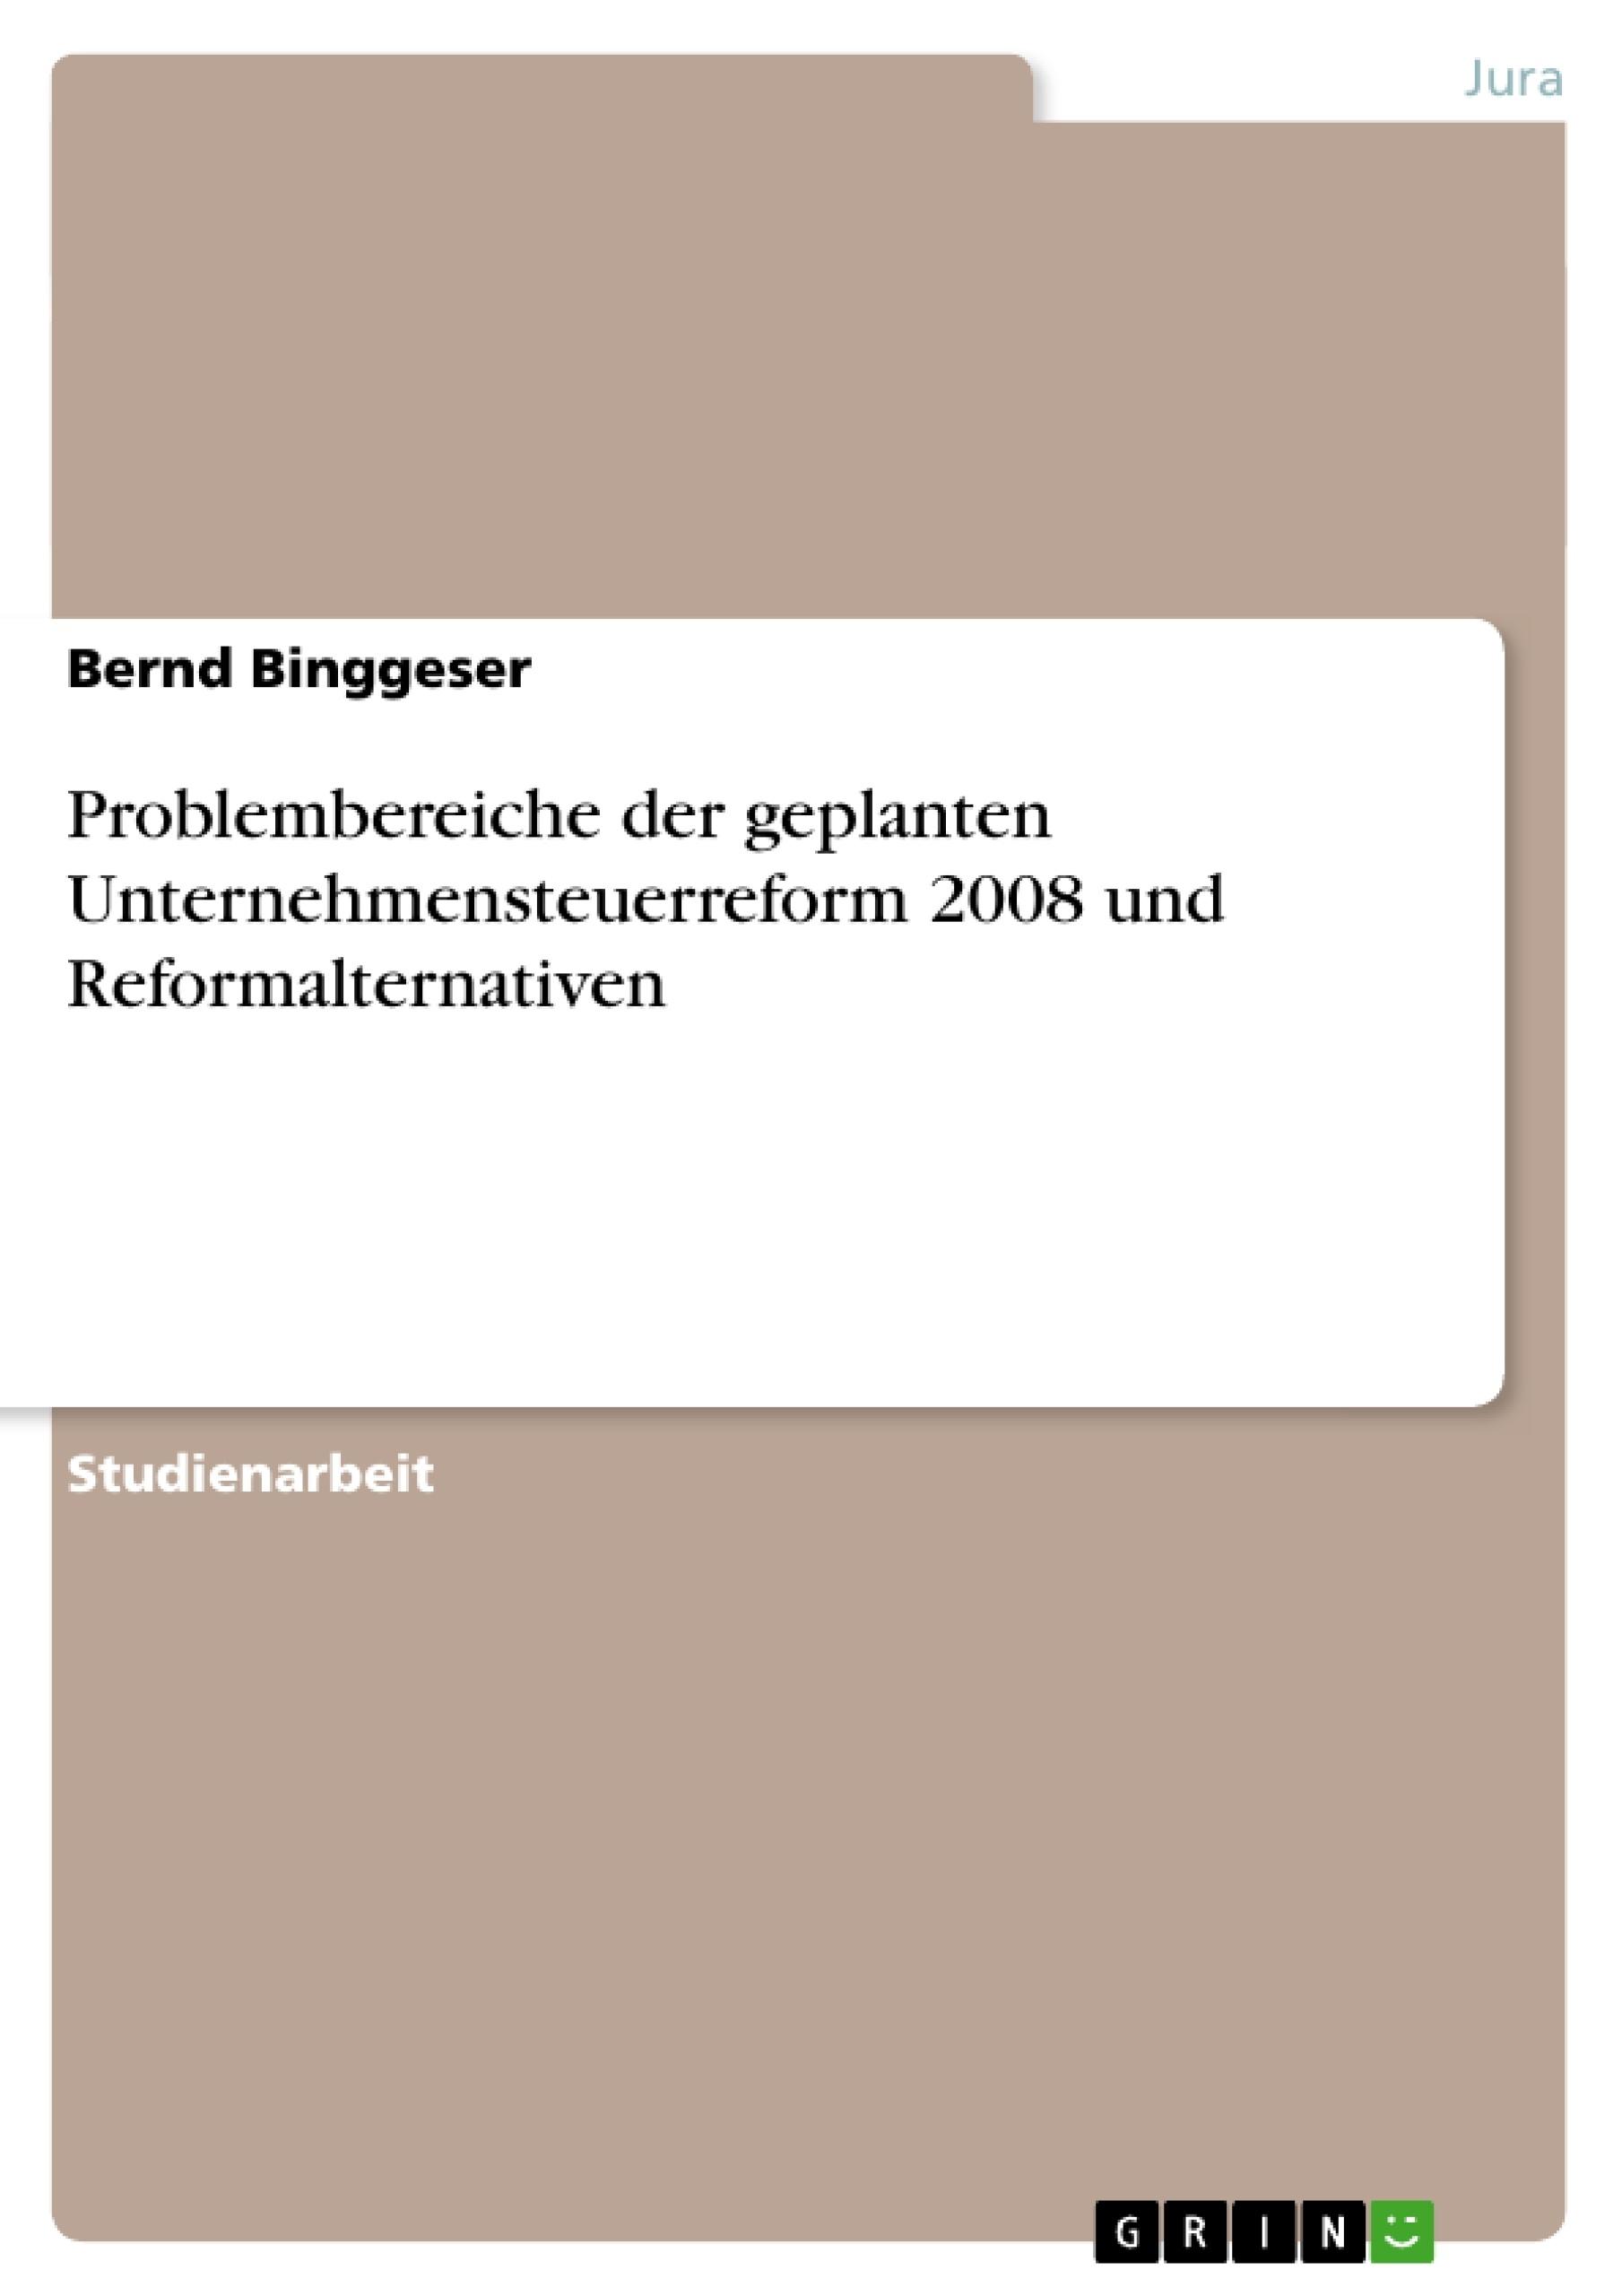 Titel: Problembereiche der geplanten Unternehmensteuerreform 2008 und Reformalternativen